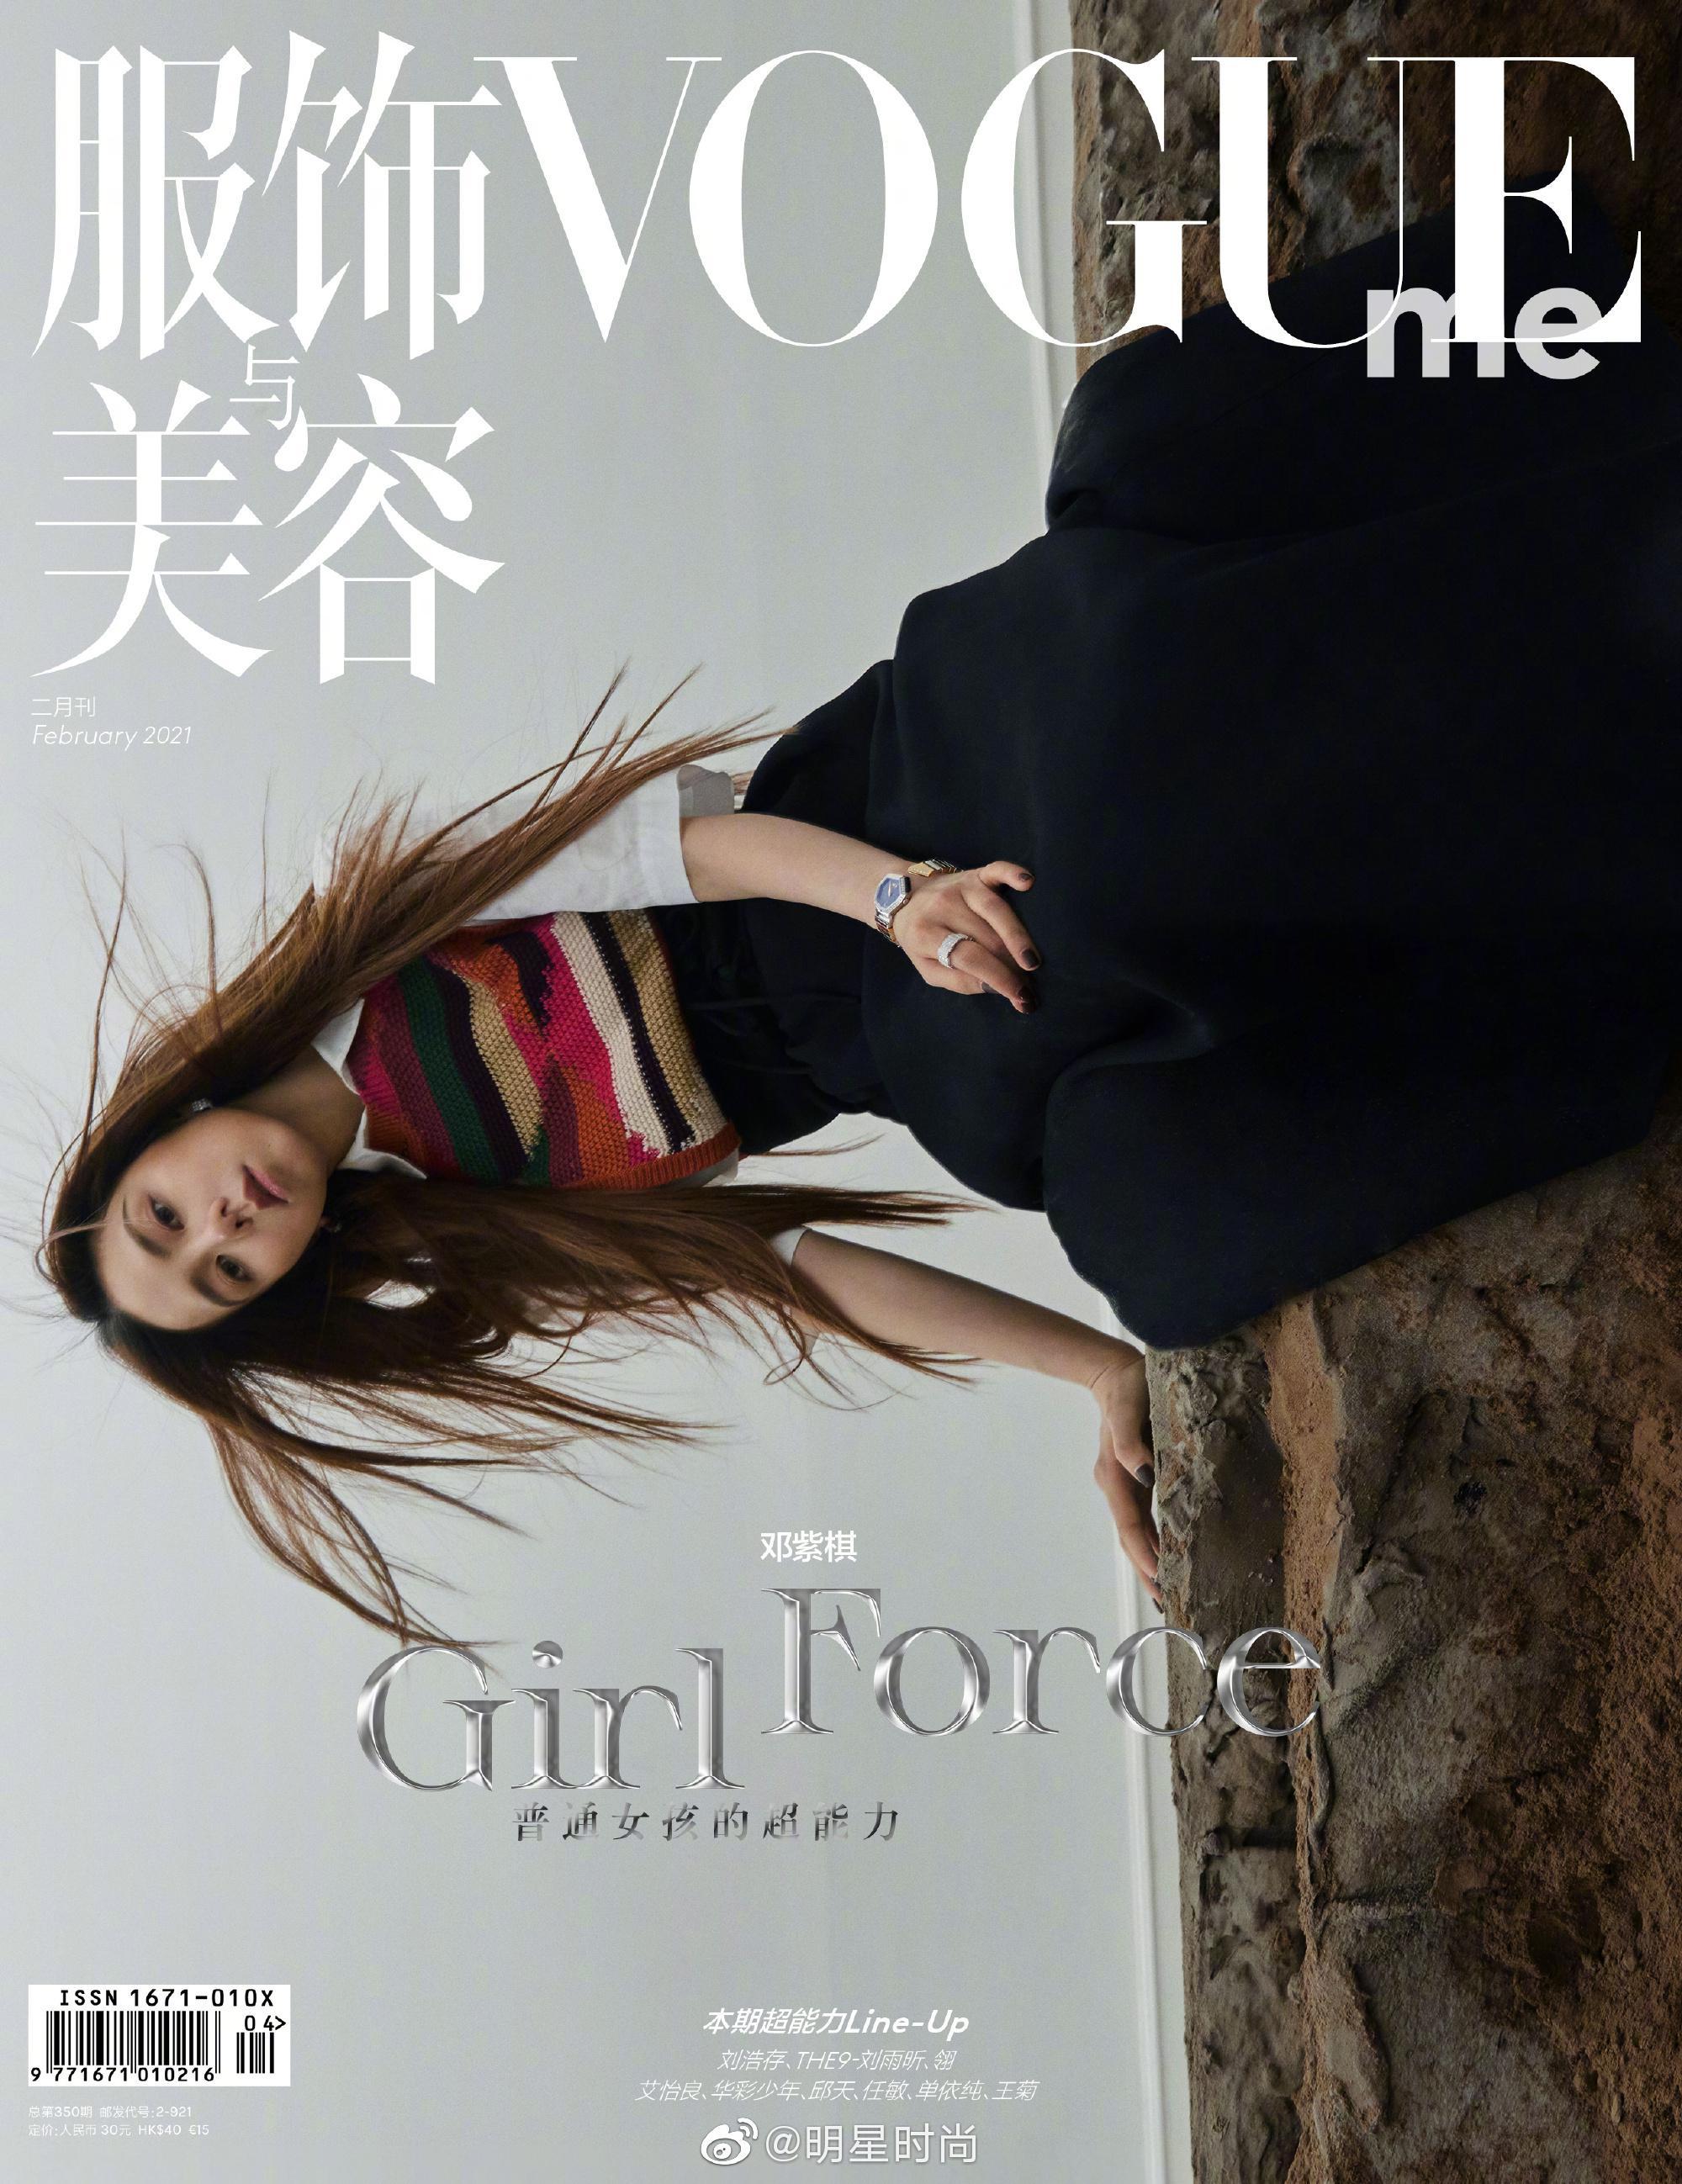 邓紫棋时尚杂志封面,在纷繁复杂的世界中……